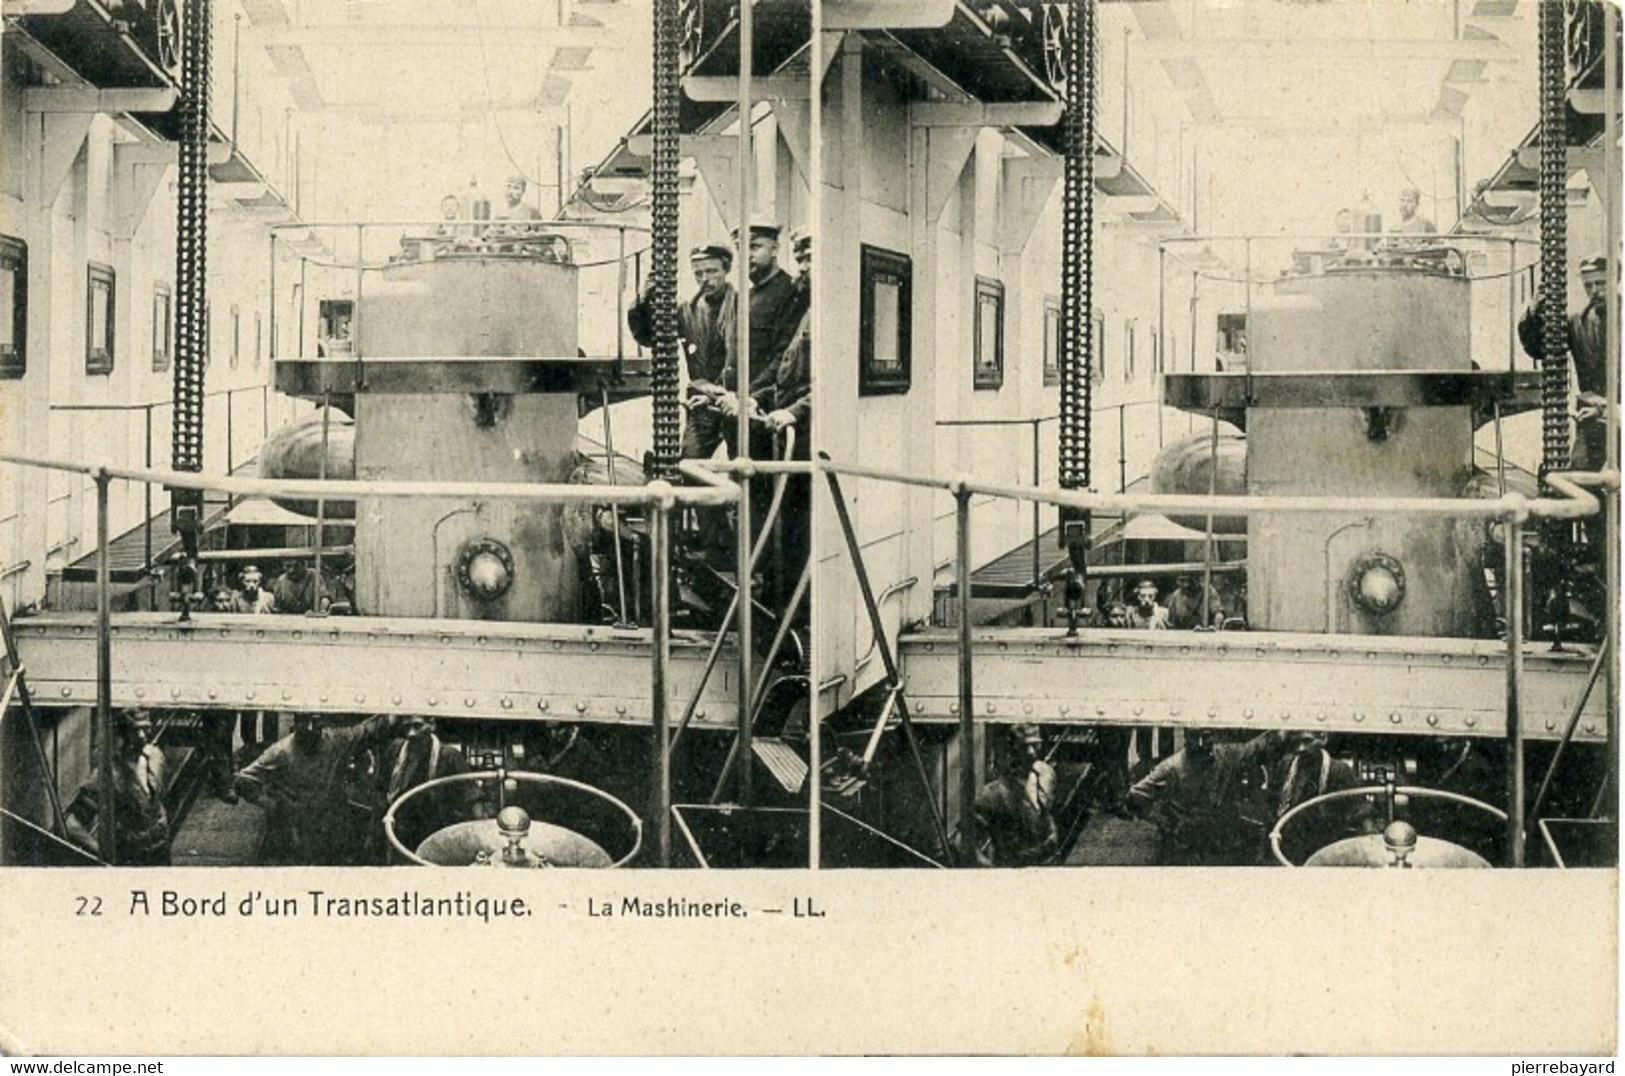 22, A Bord D'un Transatlantique. La Machinerie. LL.  (Le Kaiser Wilhem Der Grosse). - Cartoline Stereoscopiche